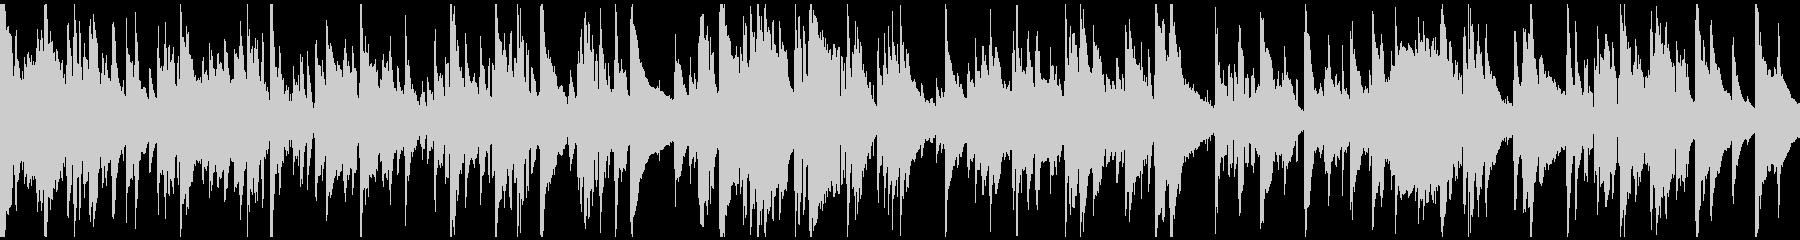 サックス、ギャグのお色気シーン※ループ版の未再生の波形